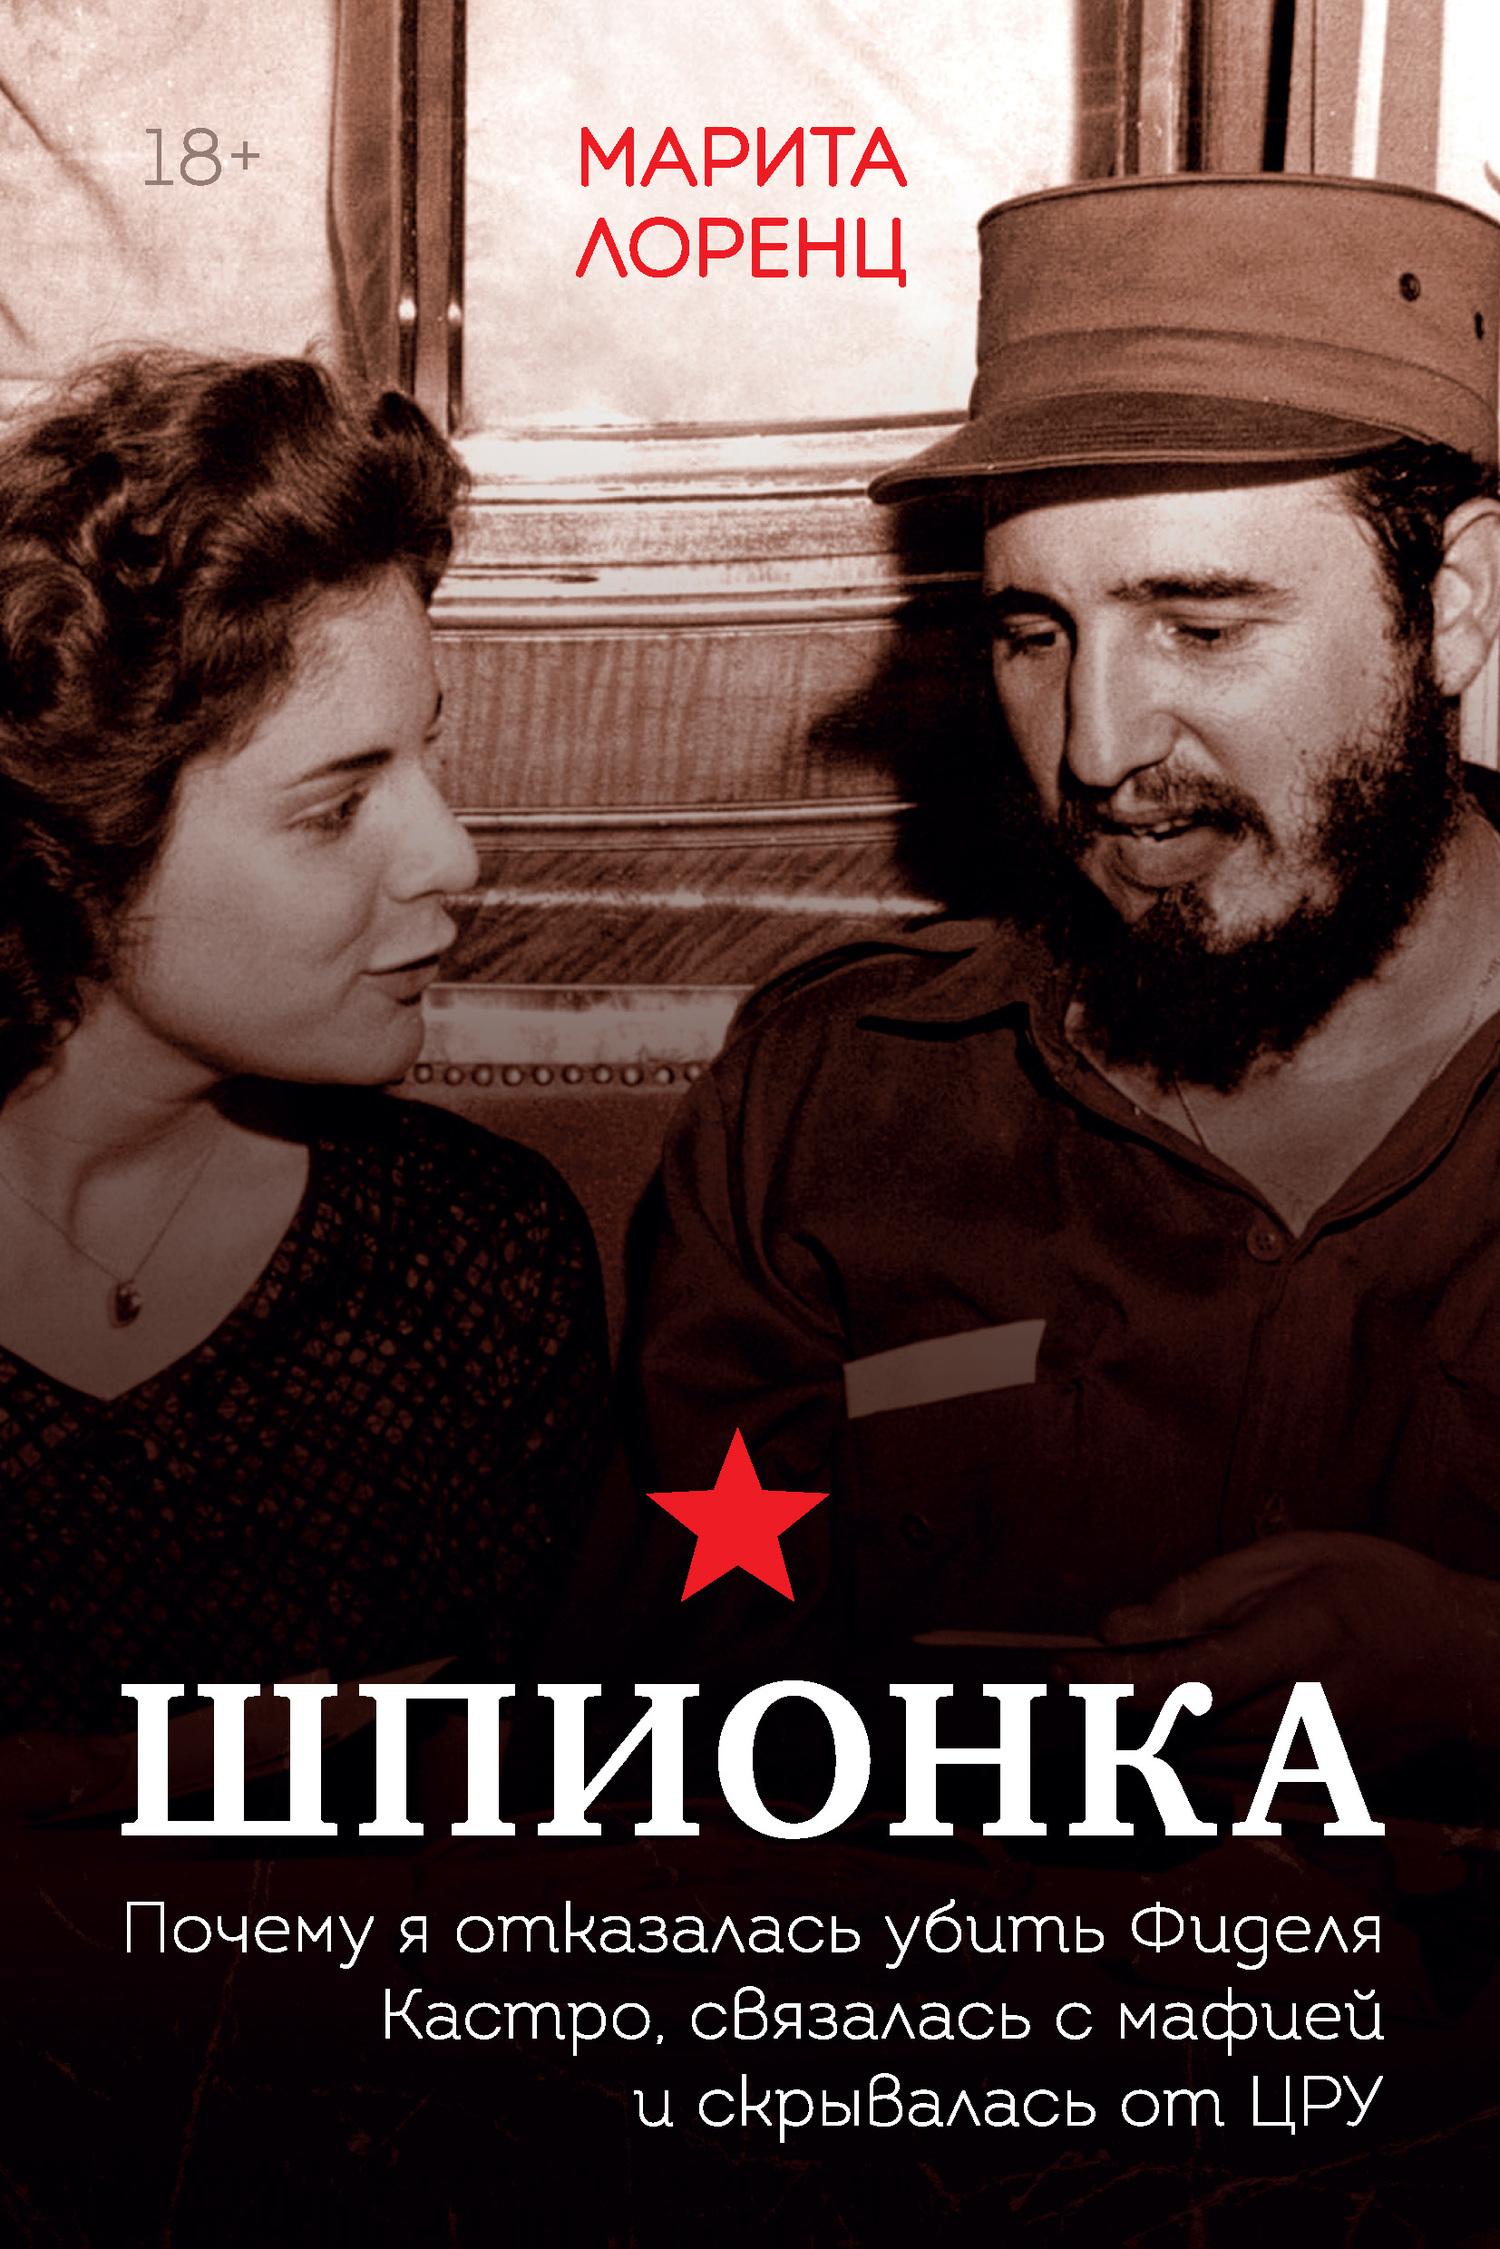 Илона Марита Лоренц - Шпионка. Почему я отказалась убить Фиделя Кастро, связалась с мафией и скрывалась от ЦРУ